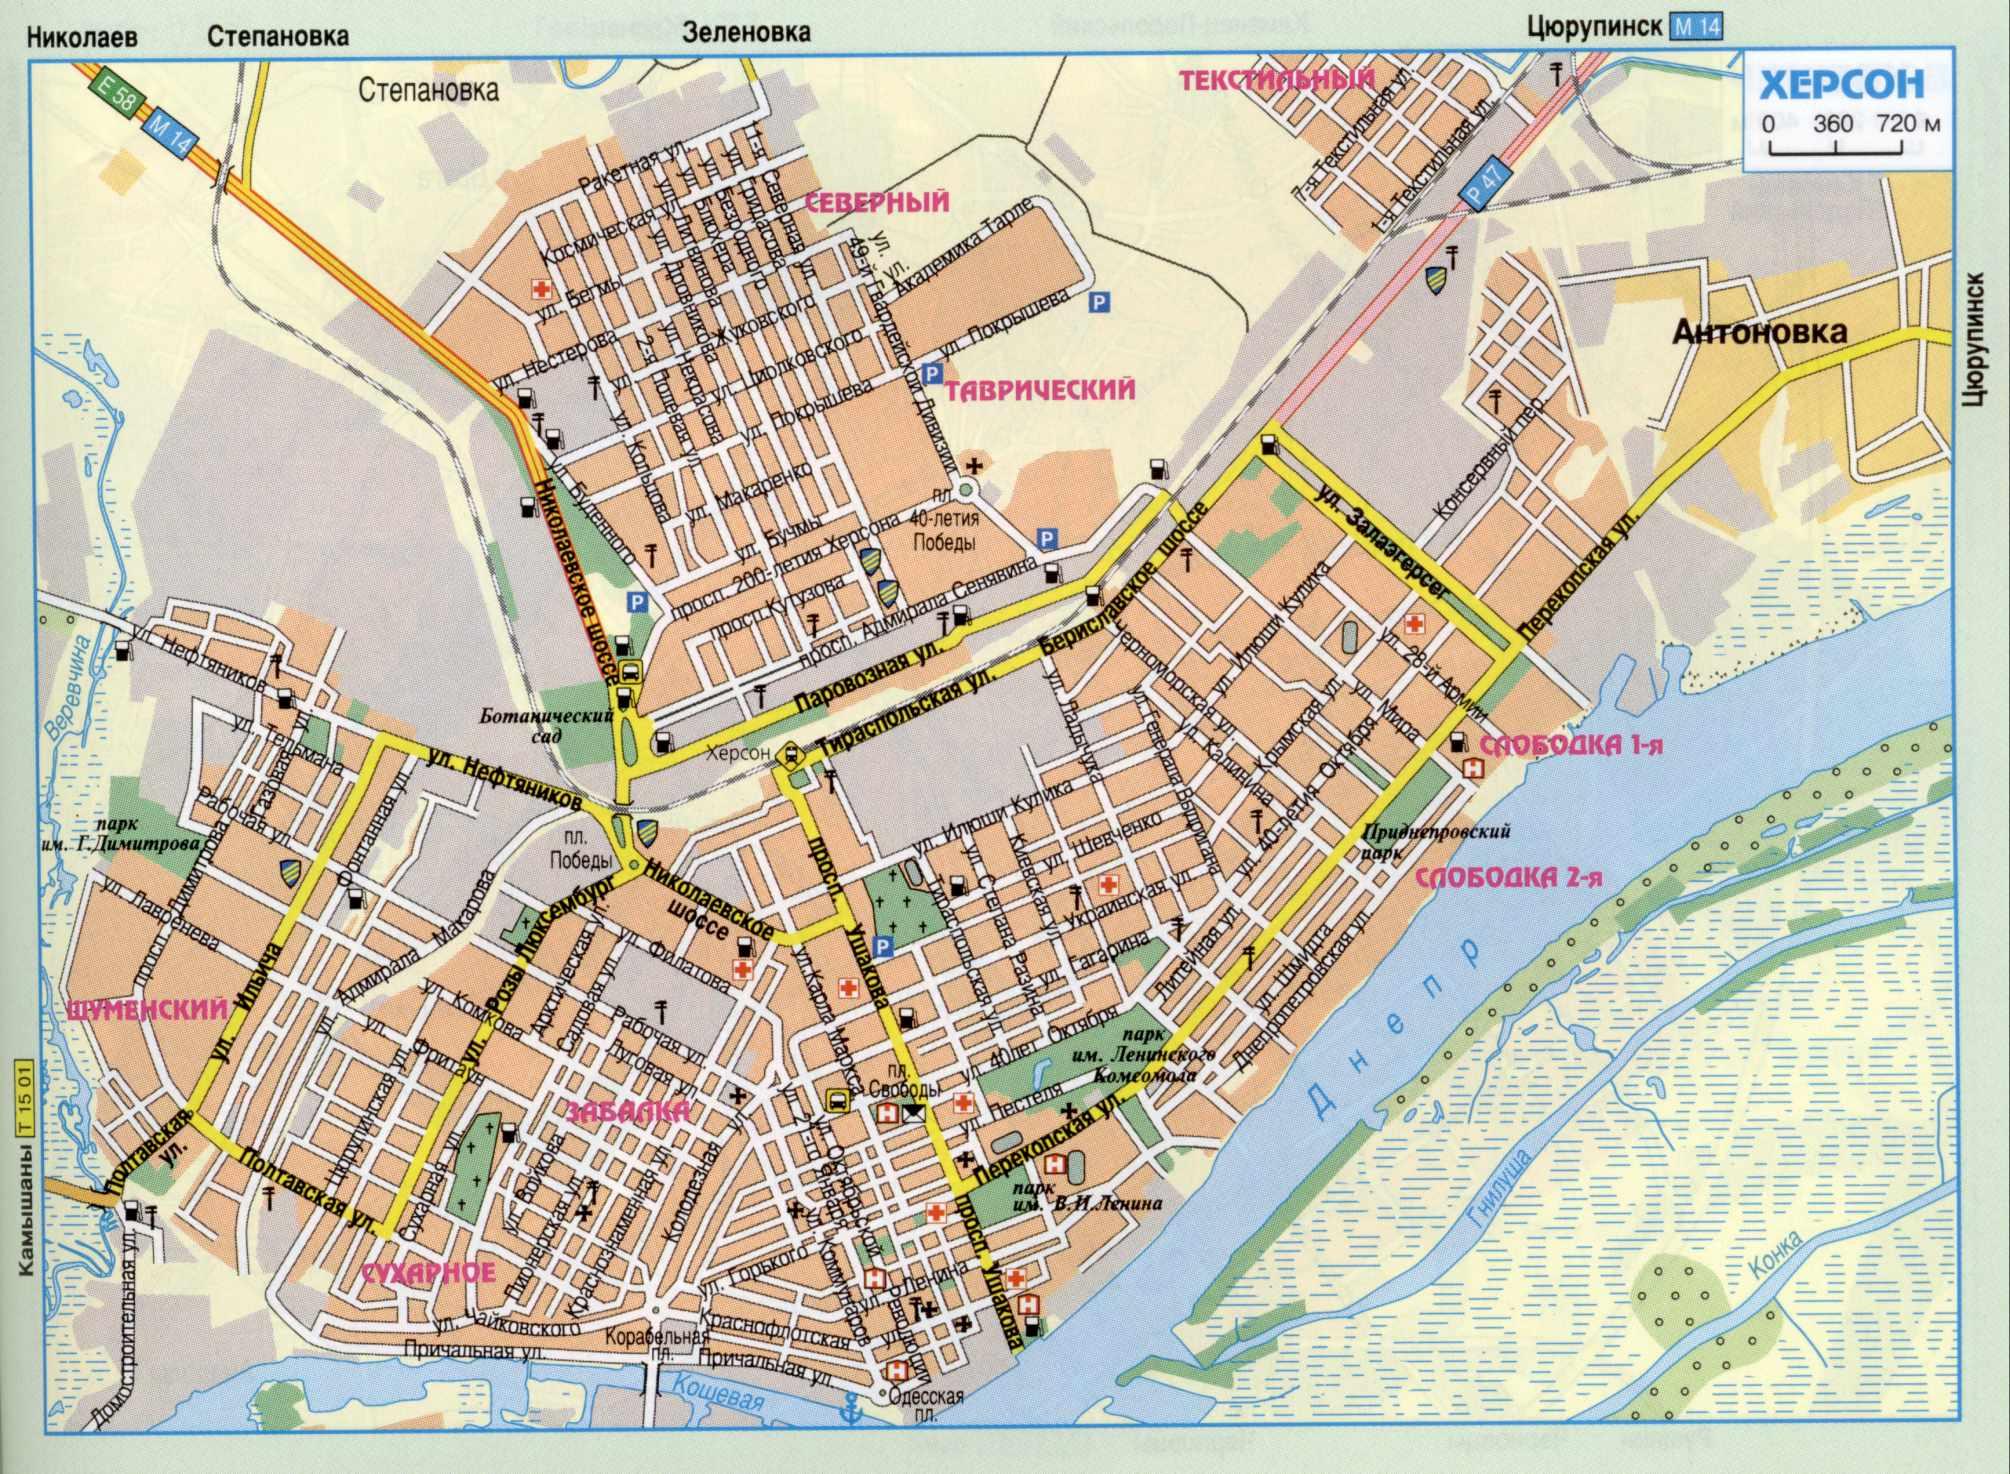 Карта города Херсон